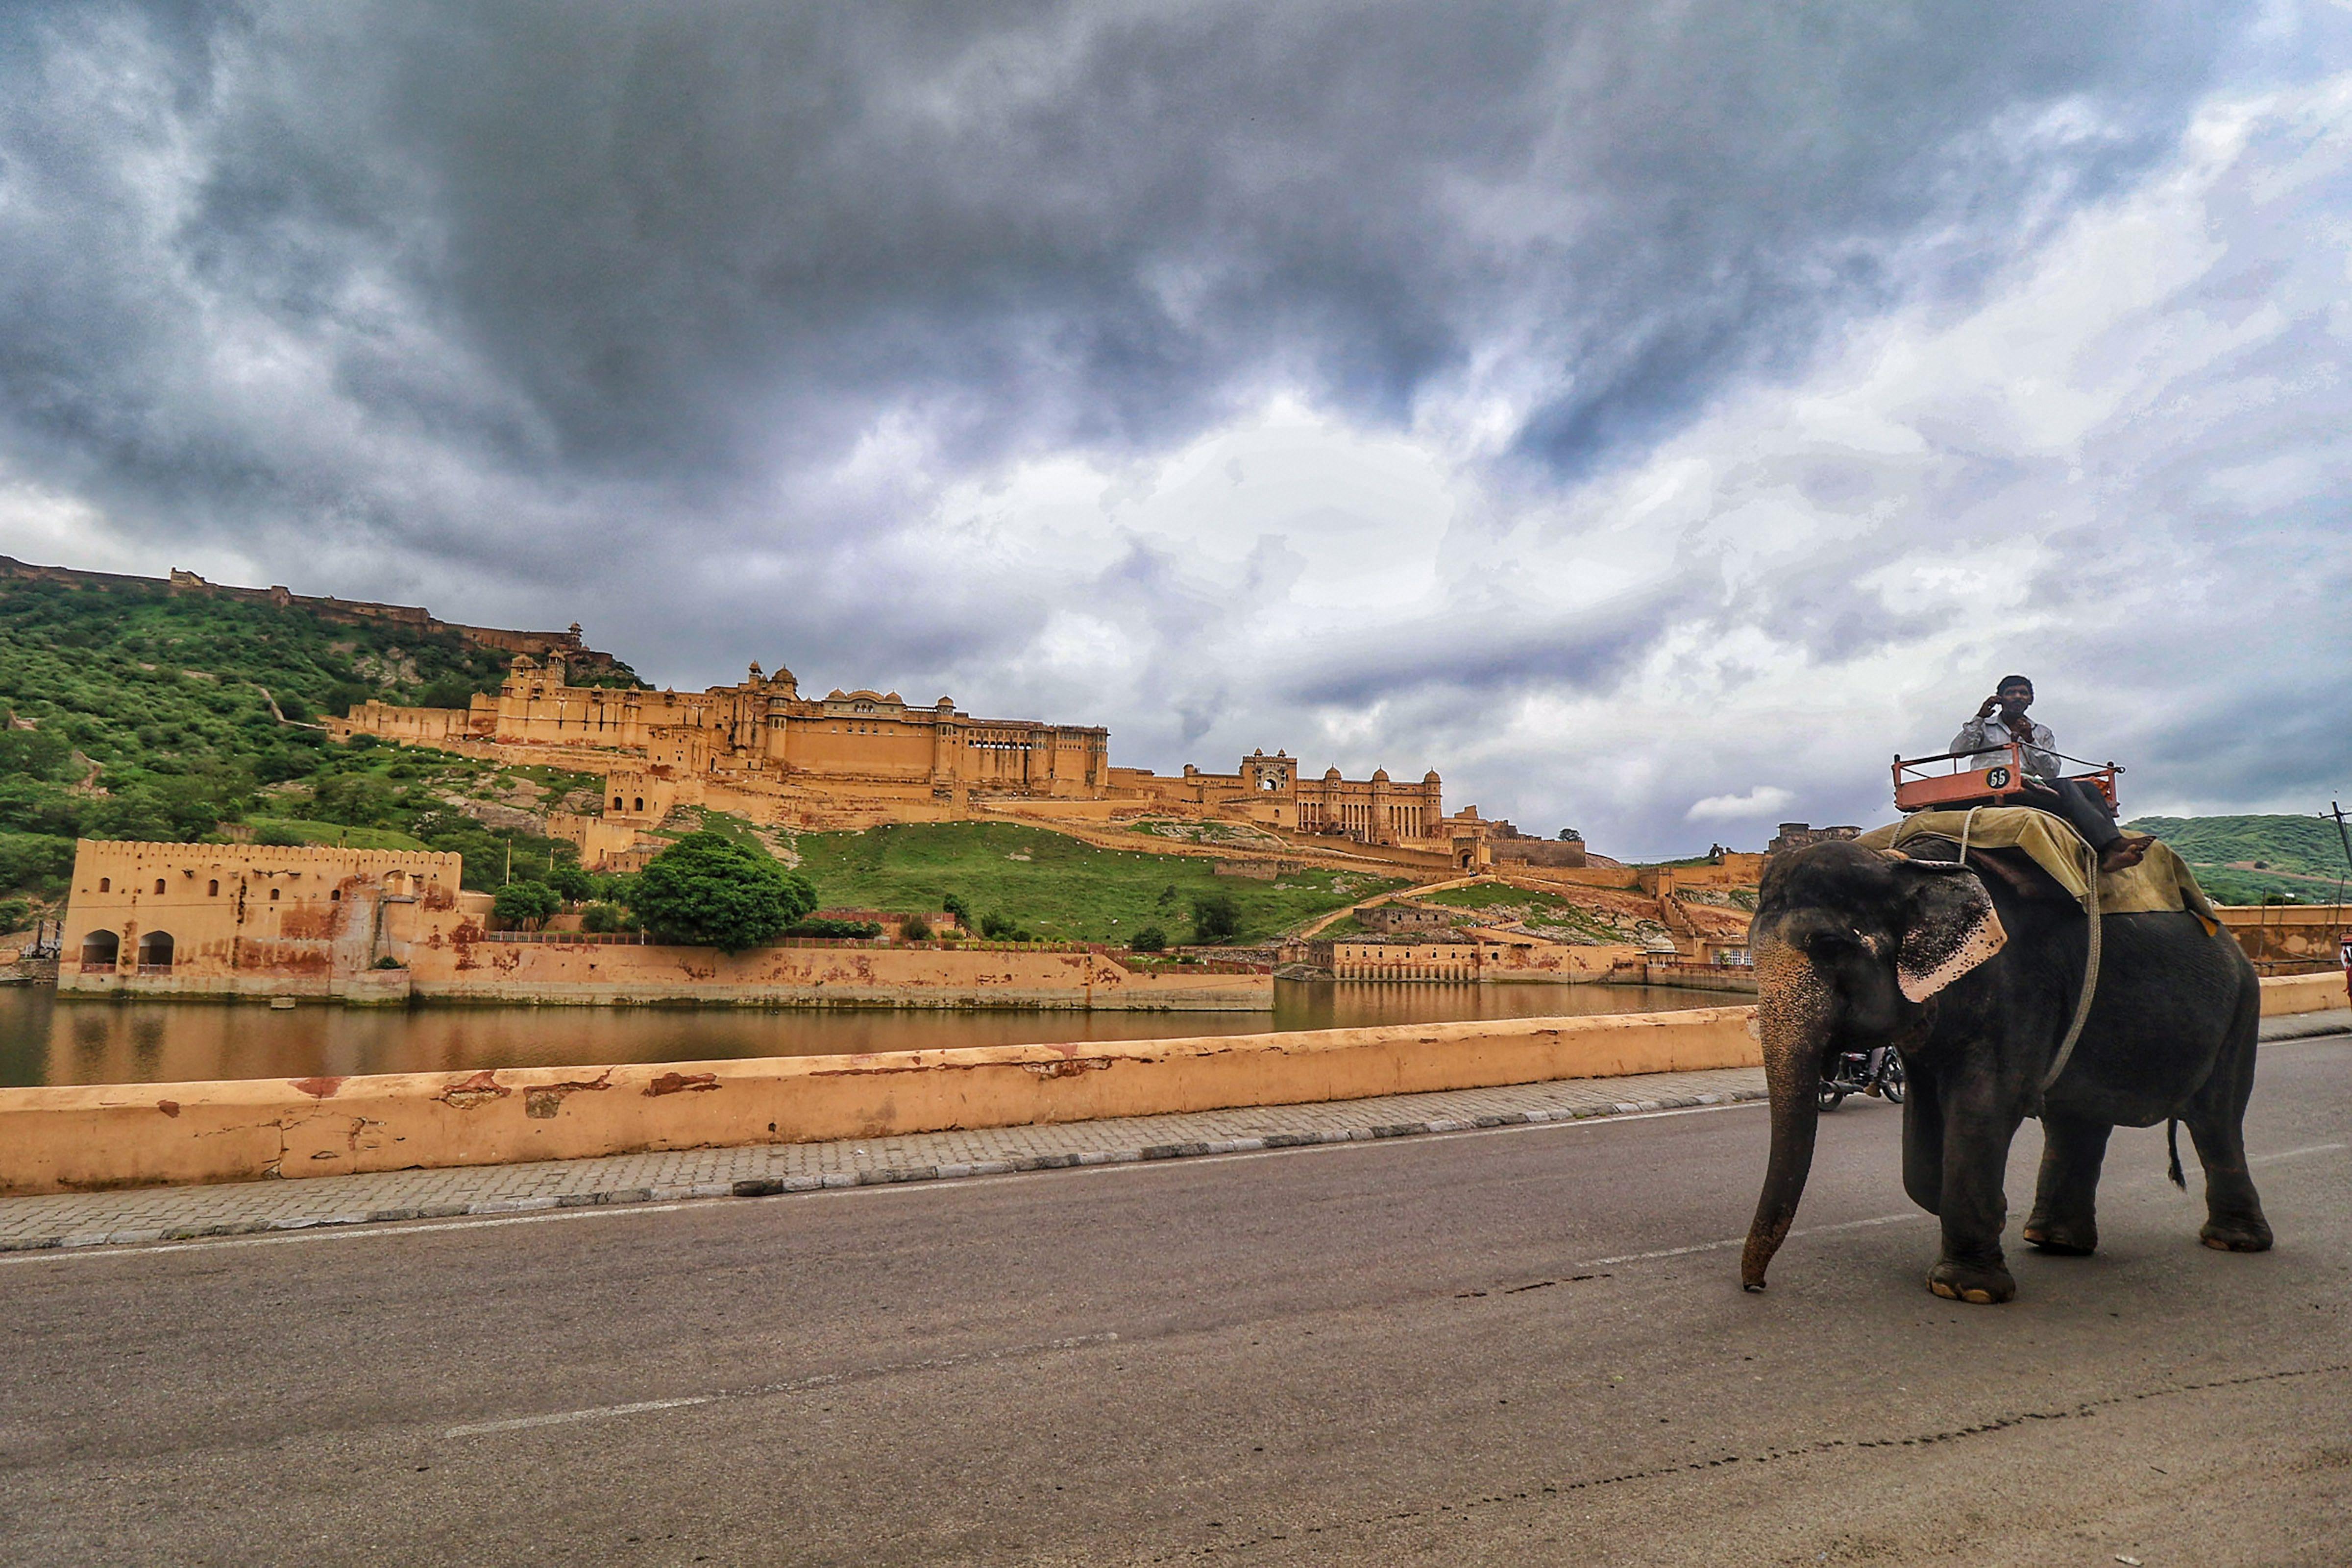 यह फोटो जयपुर की है, जहां रविवार को काले बादल तो छाए, लेकिन जोरदार बारिश नहीं हुई।